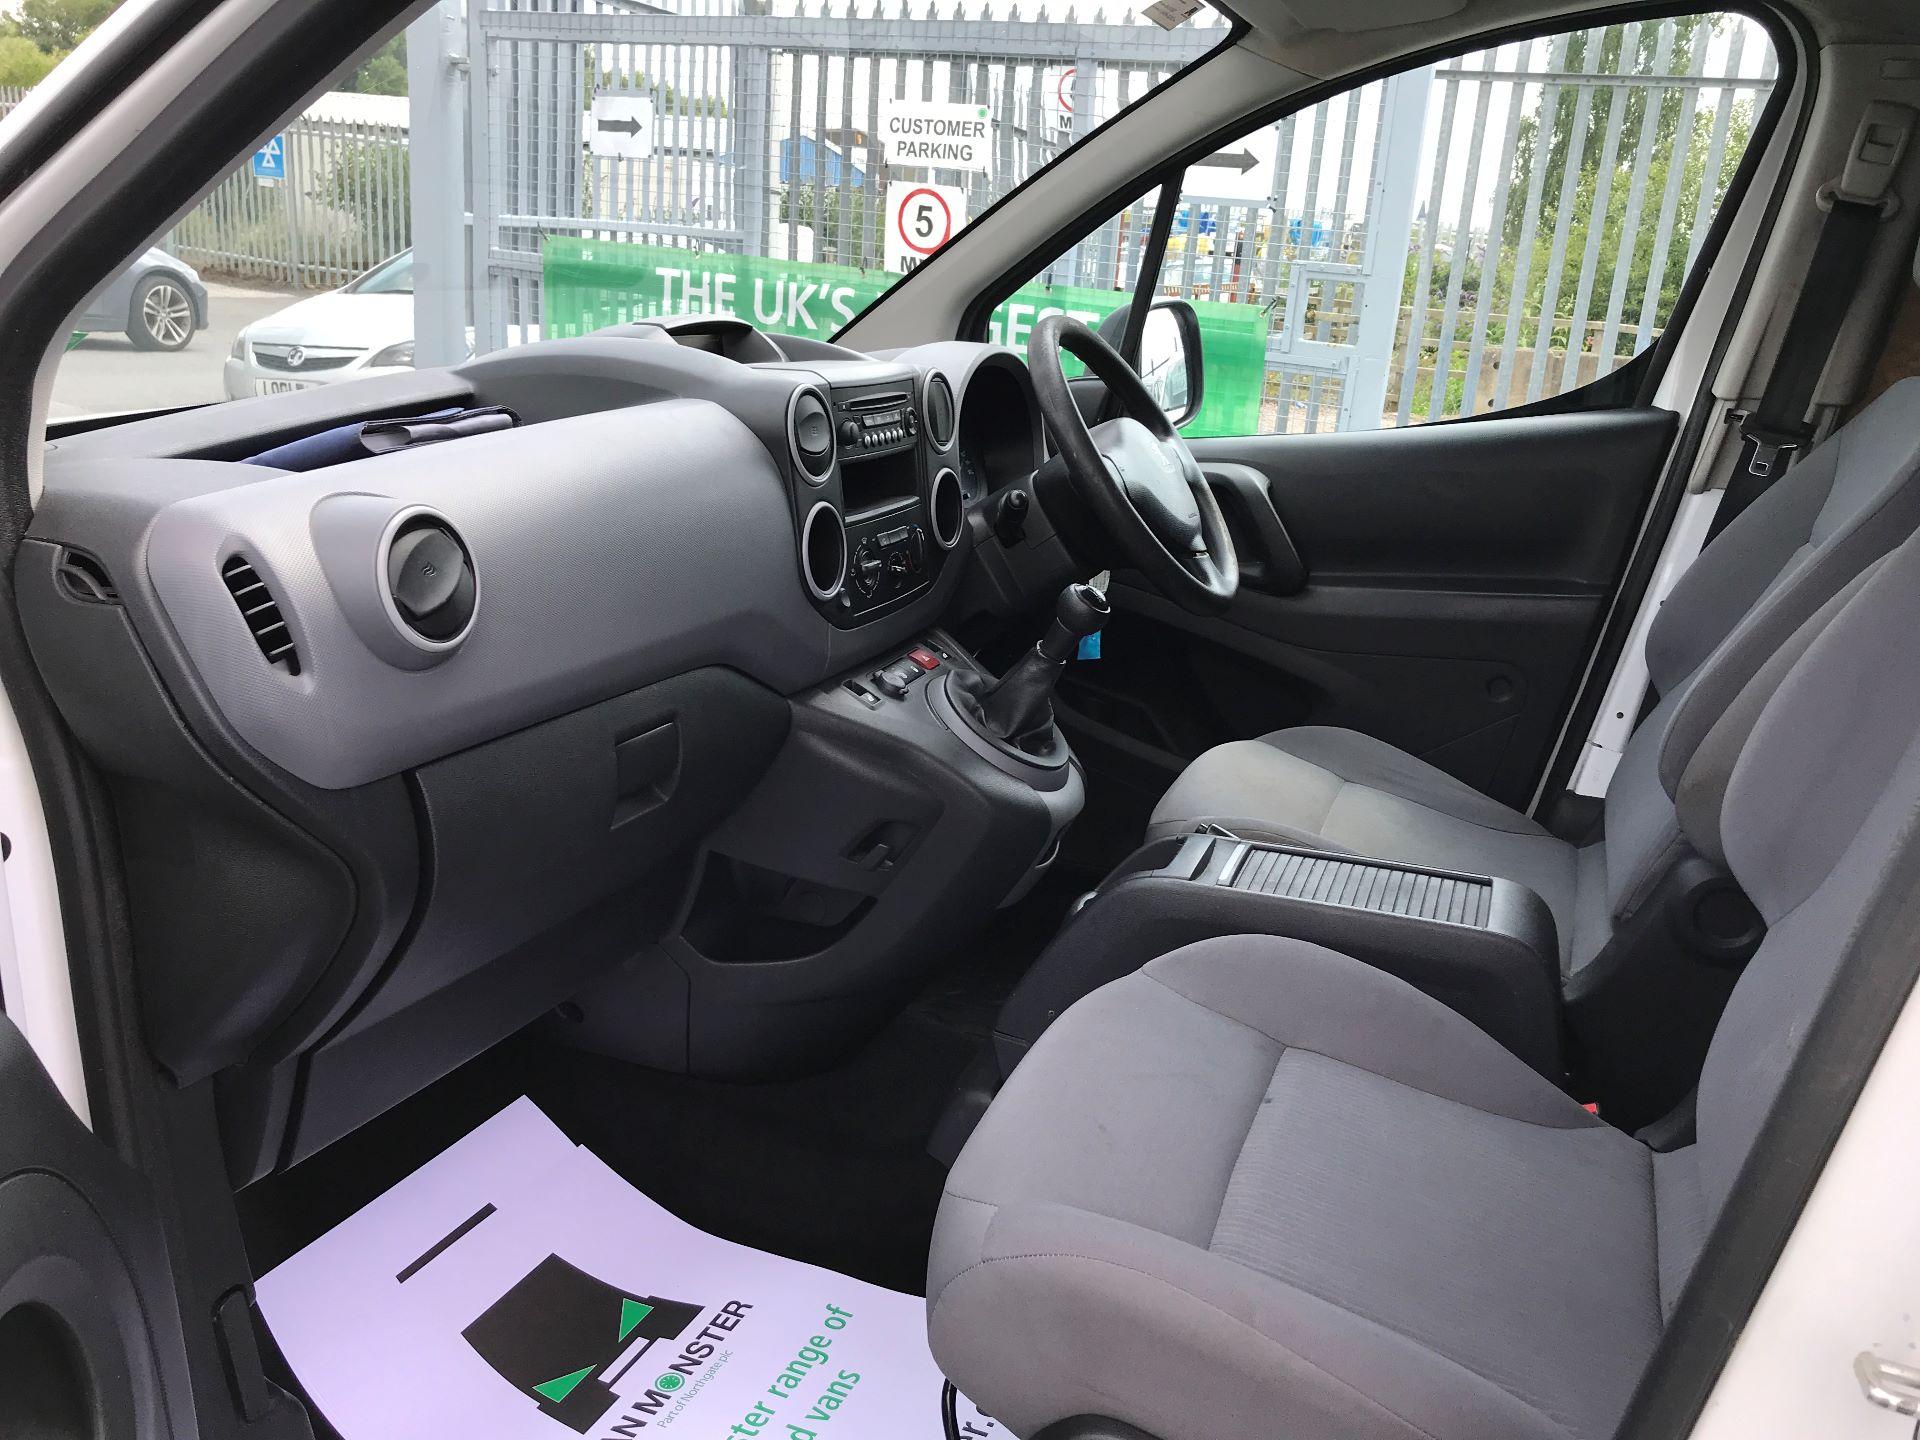 2016 Peugeot Partner L1 850 S 1.6HDI 92PS EURO 5 (NV65MHX) Image 12